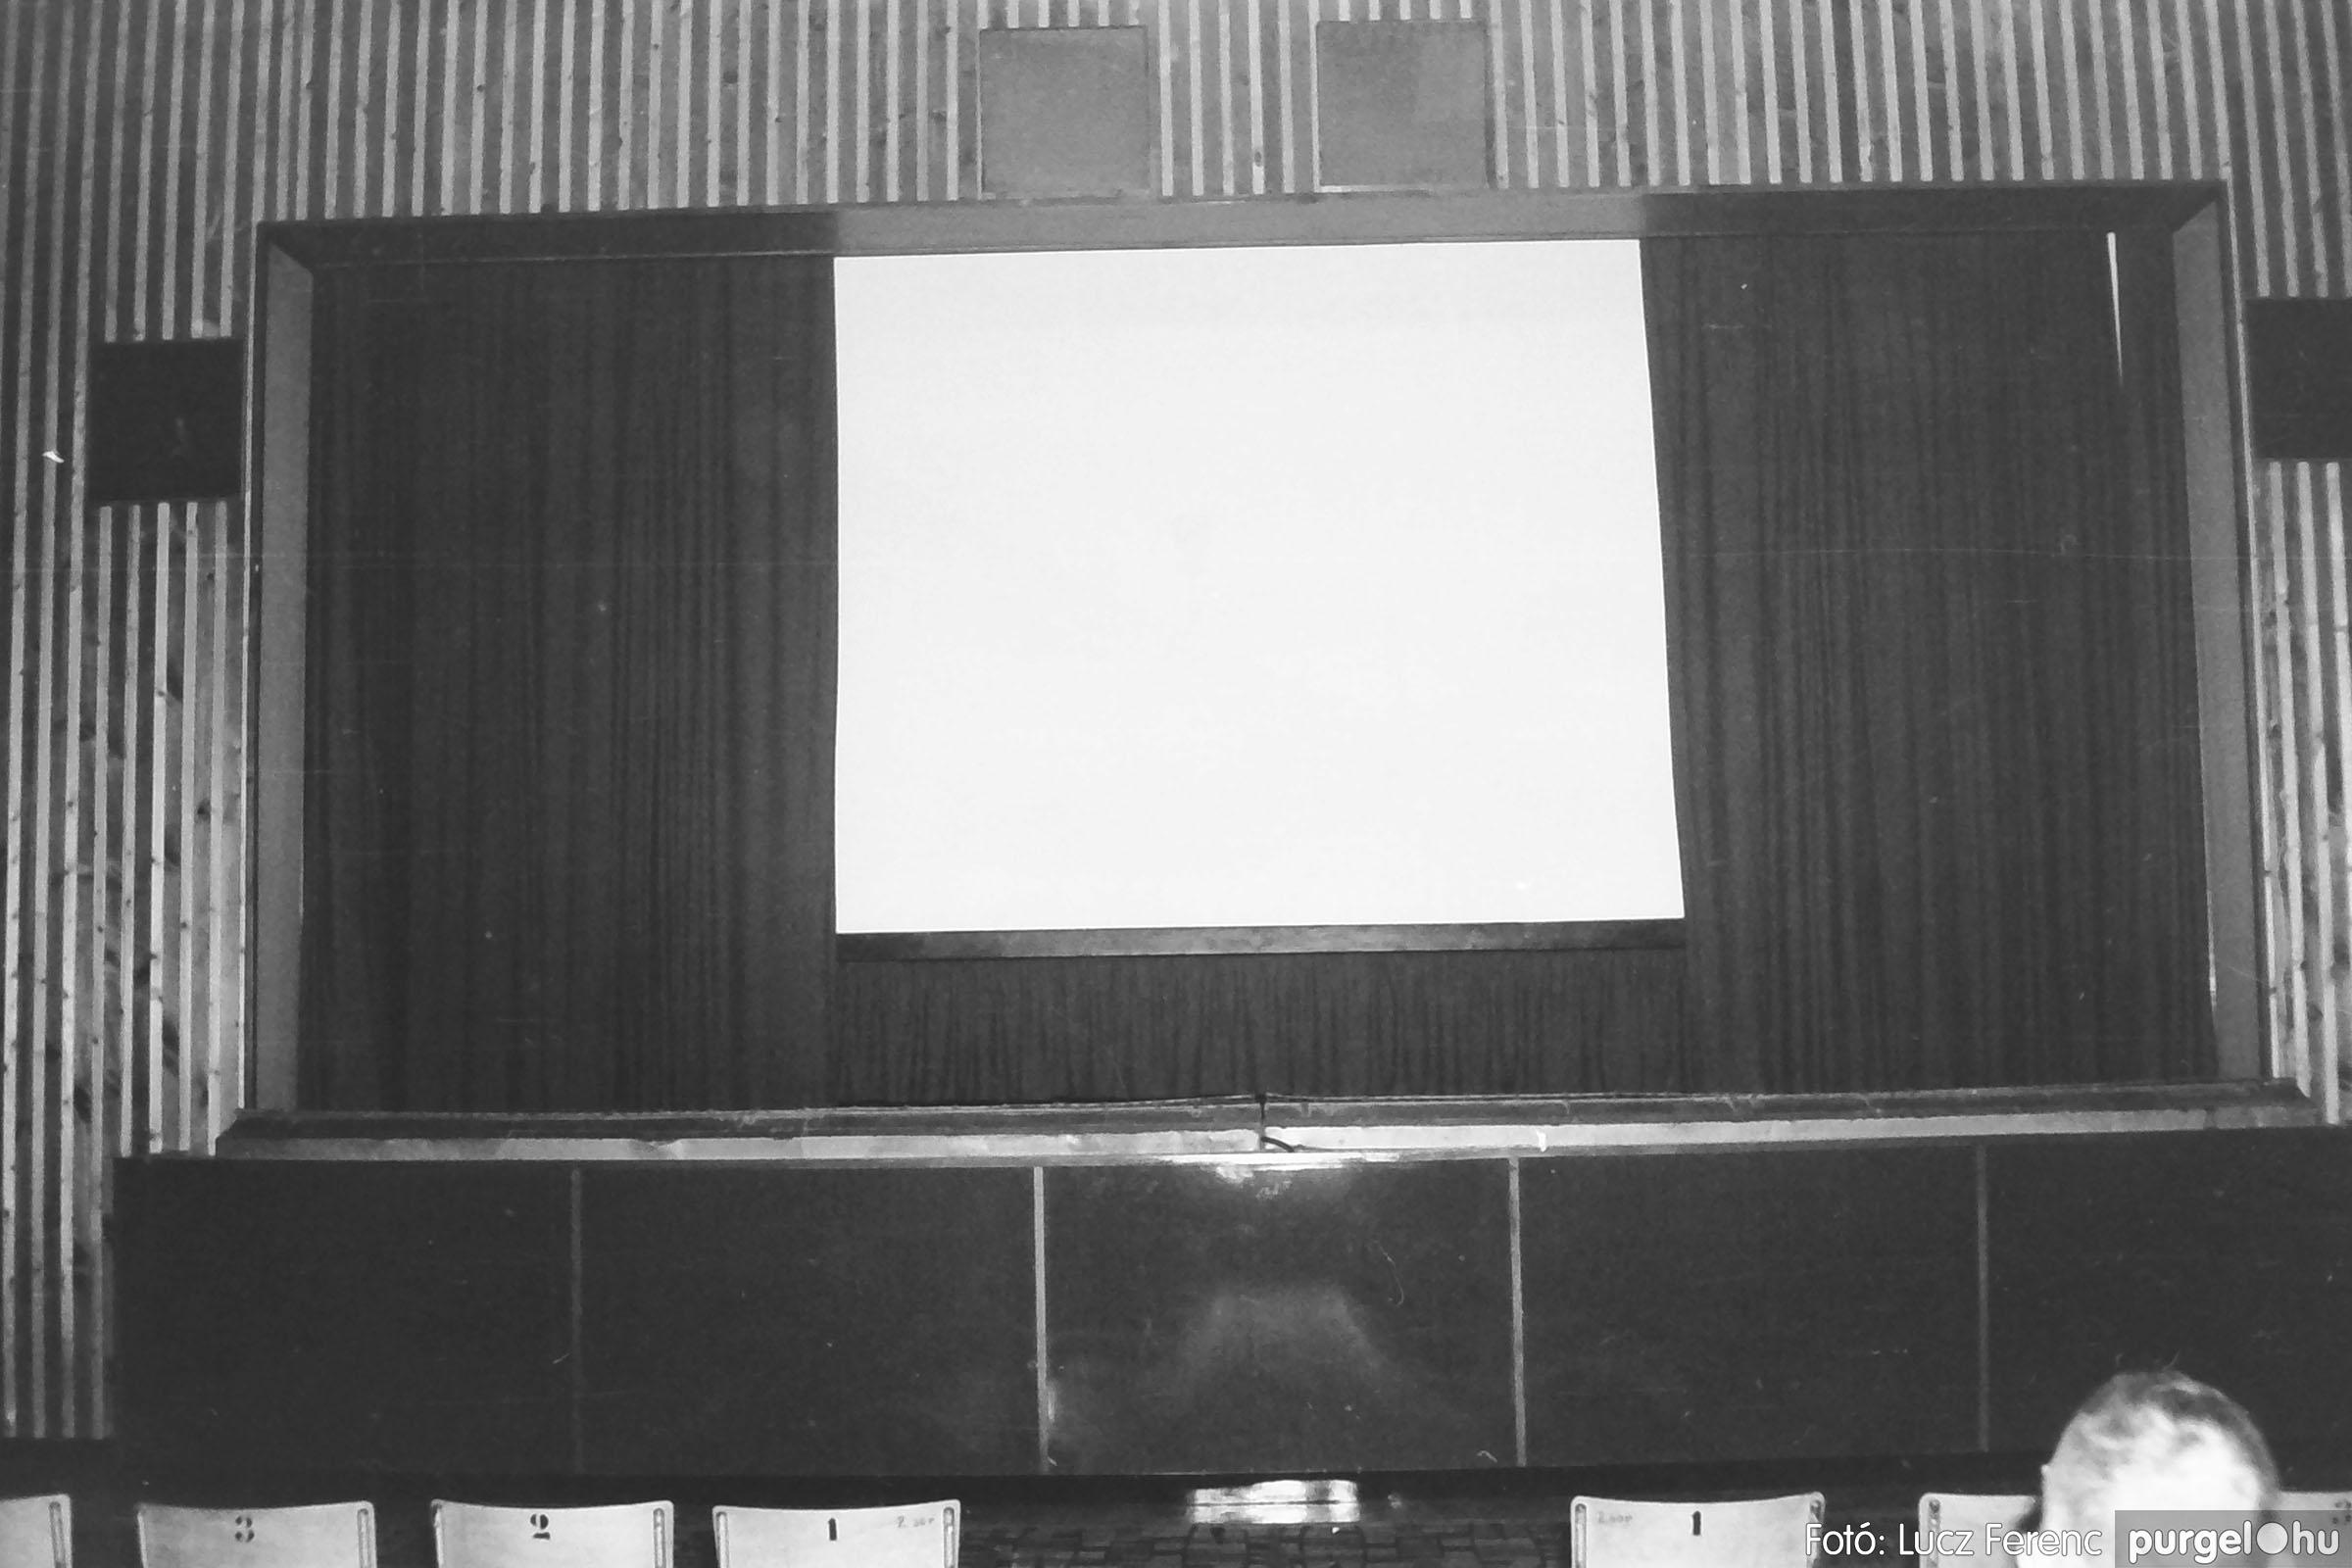 009 1975.04. Program a kultúrházban 003 - Fotó: Lucz Ferenc IMG00168q.JPG